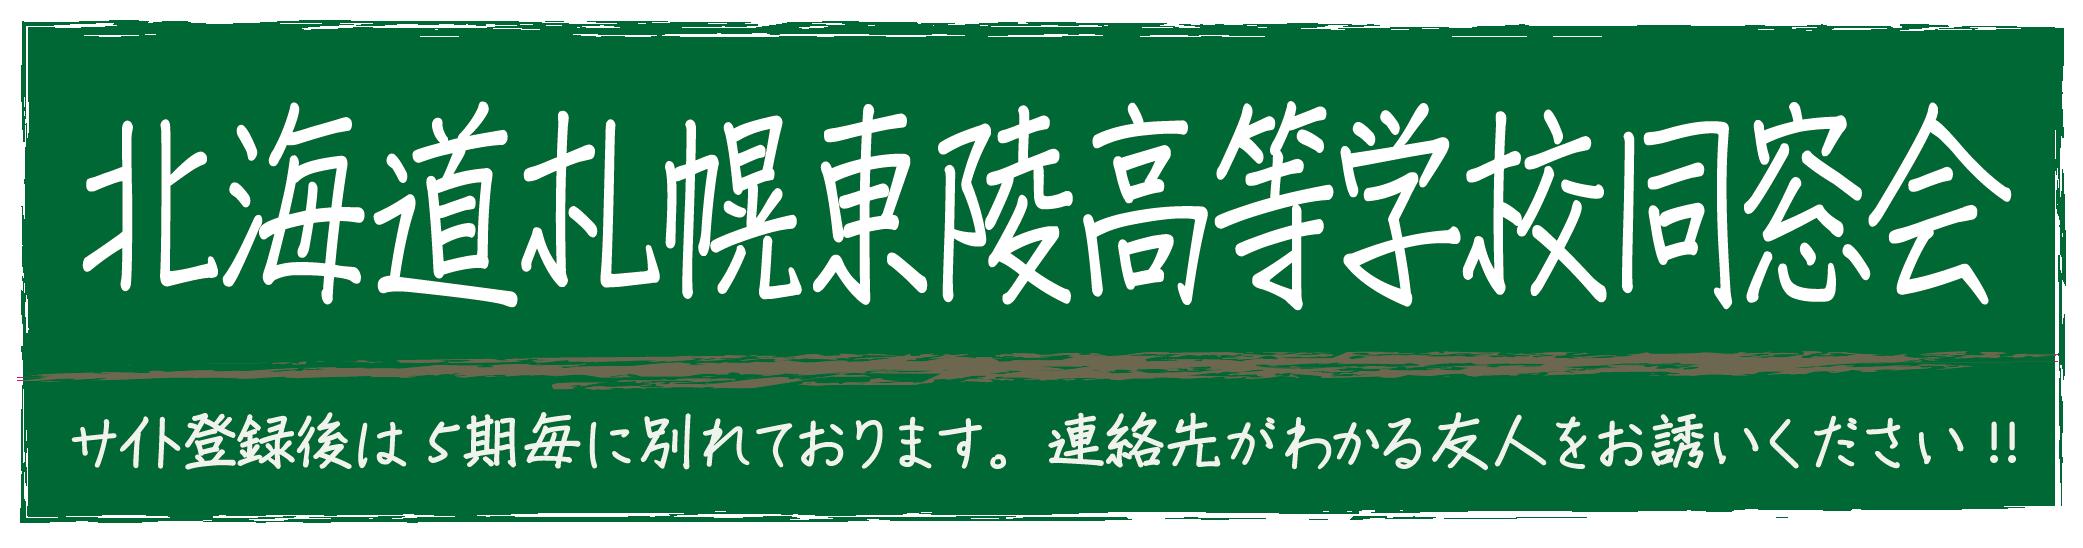 北海道札幌東陵高等学校同窓会1期-5期